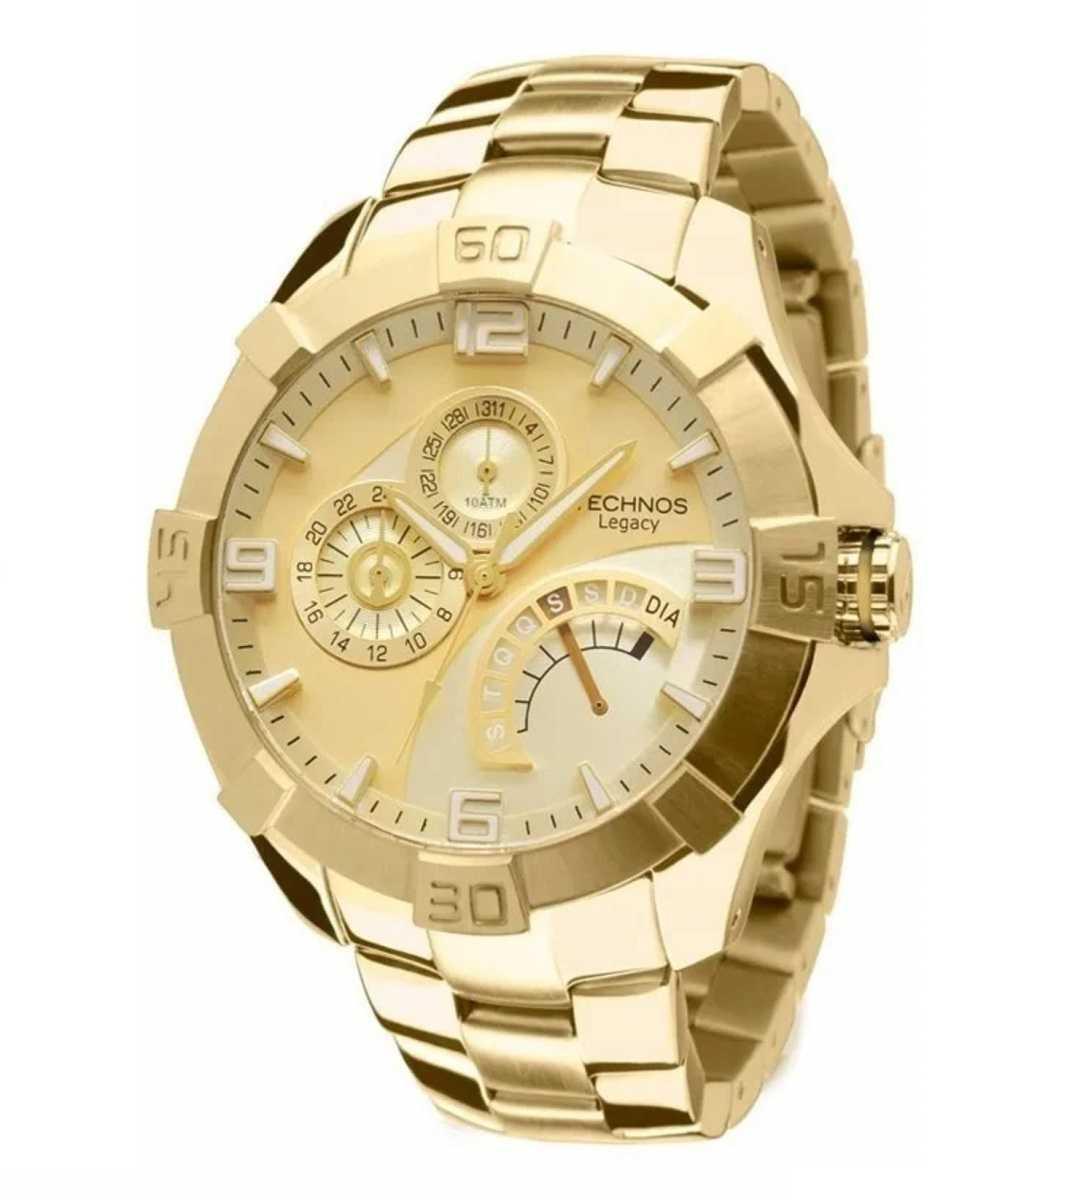 Relógio Technos Legacy Masculino Cronógrafo Data Dourado JR00AH/4X